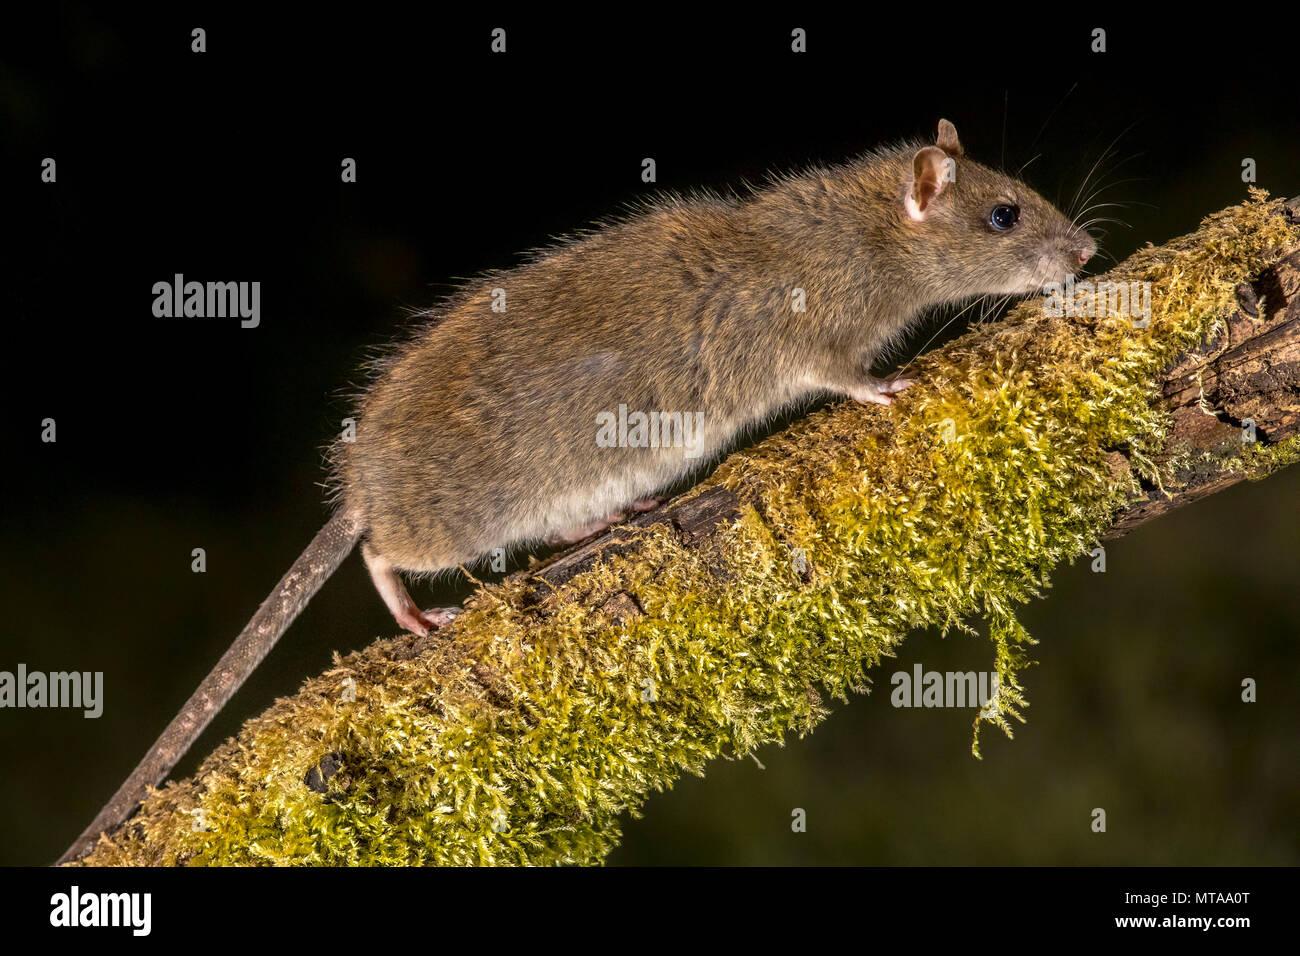 Wilde braune Ratte (Rattus norvegicus) drehen auf bemoosten Ast in der Nacht. High Speed Fotografie Bild Stockbild